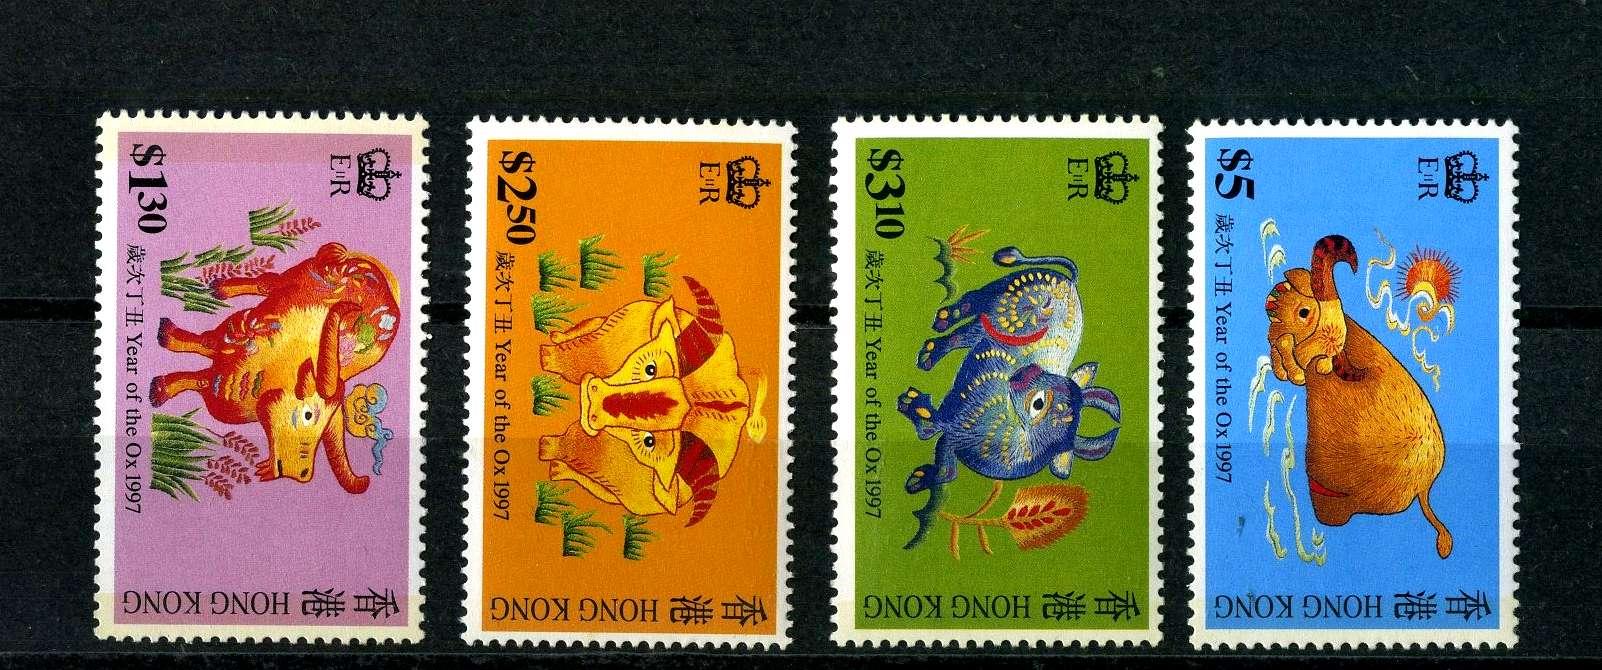 Заказать марки монети україни ціни каталог львів